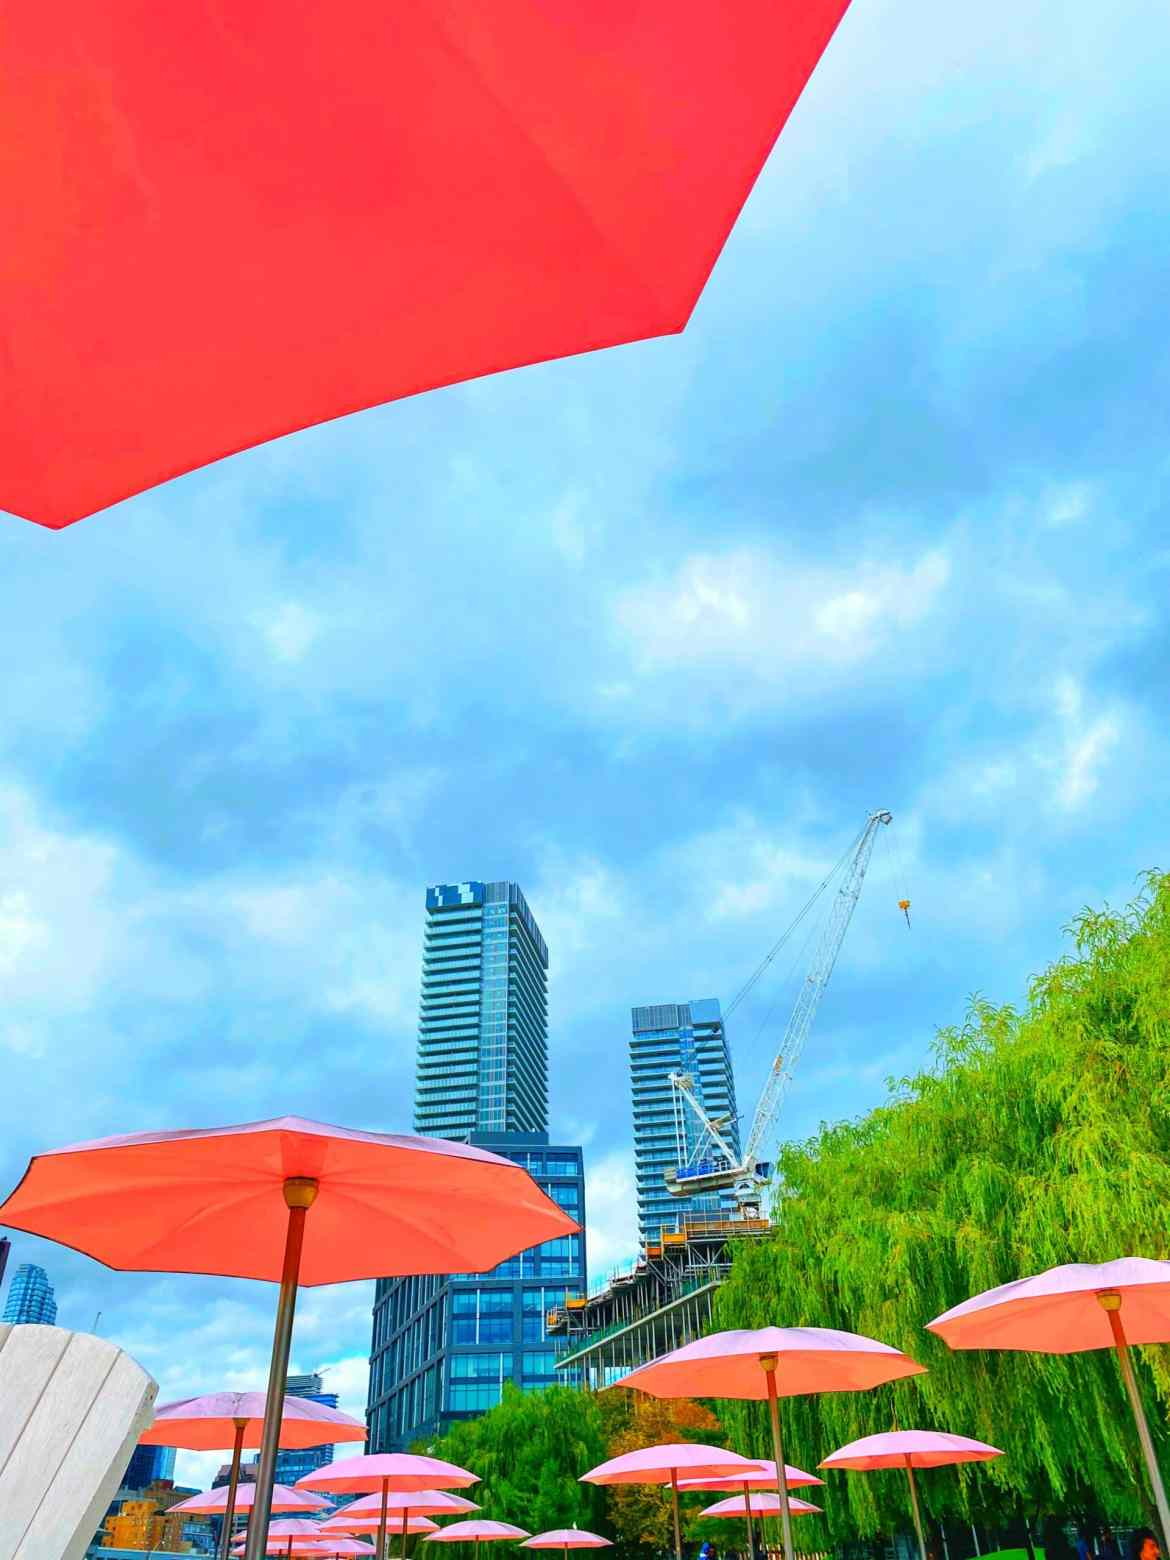 Sugar Beach – The cutest city beach in Toronto